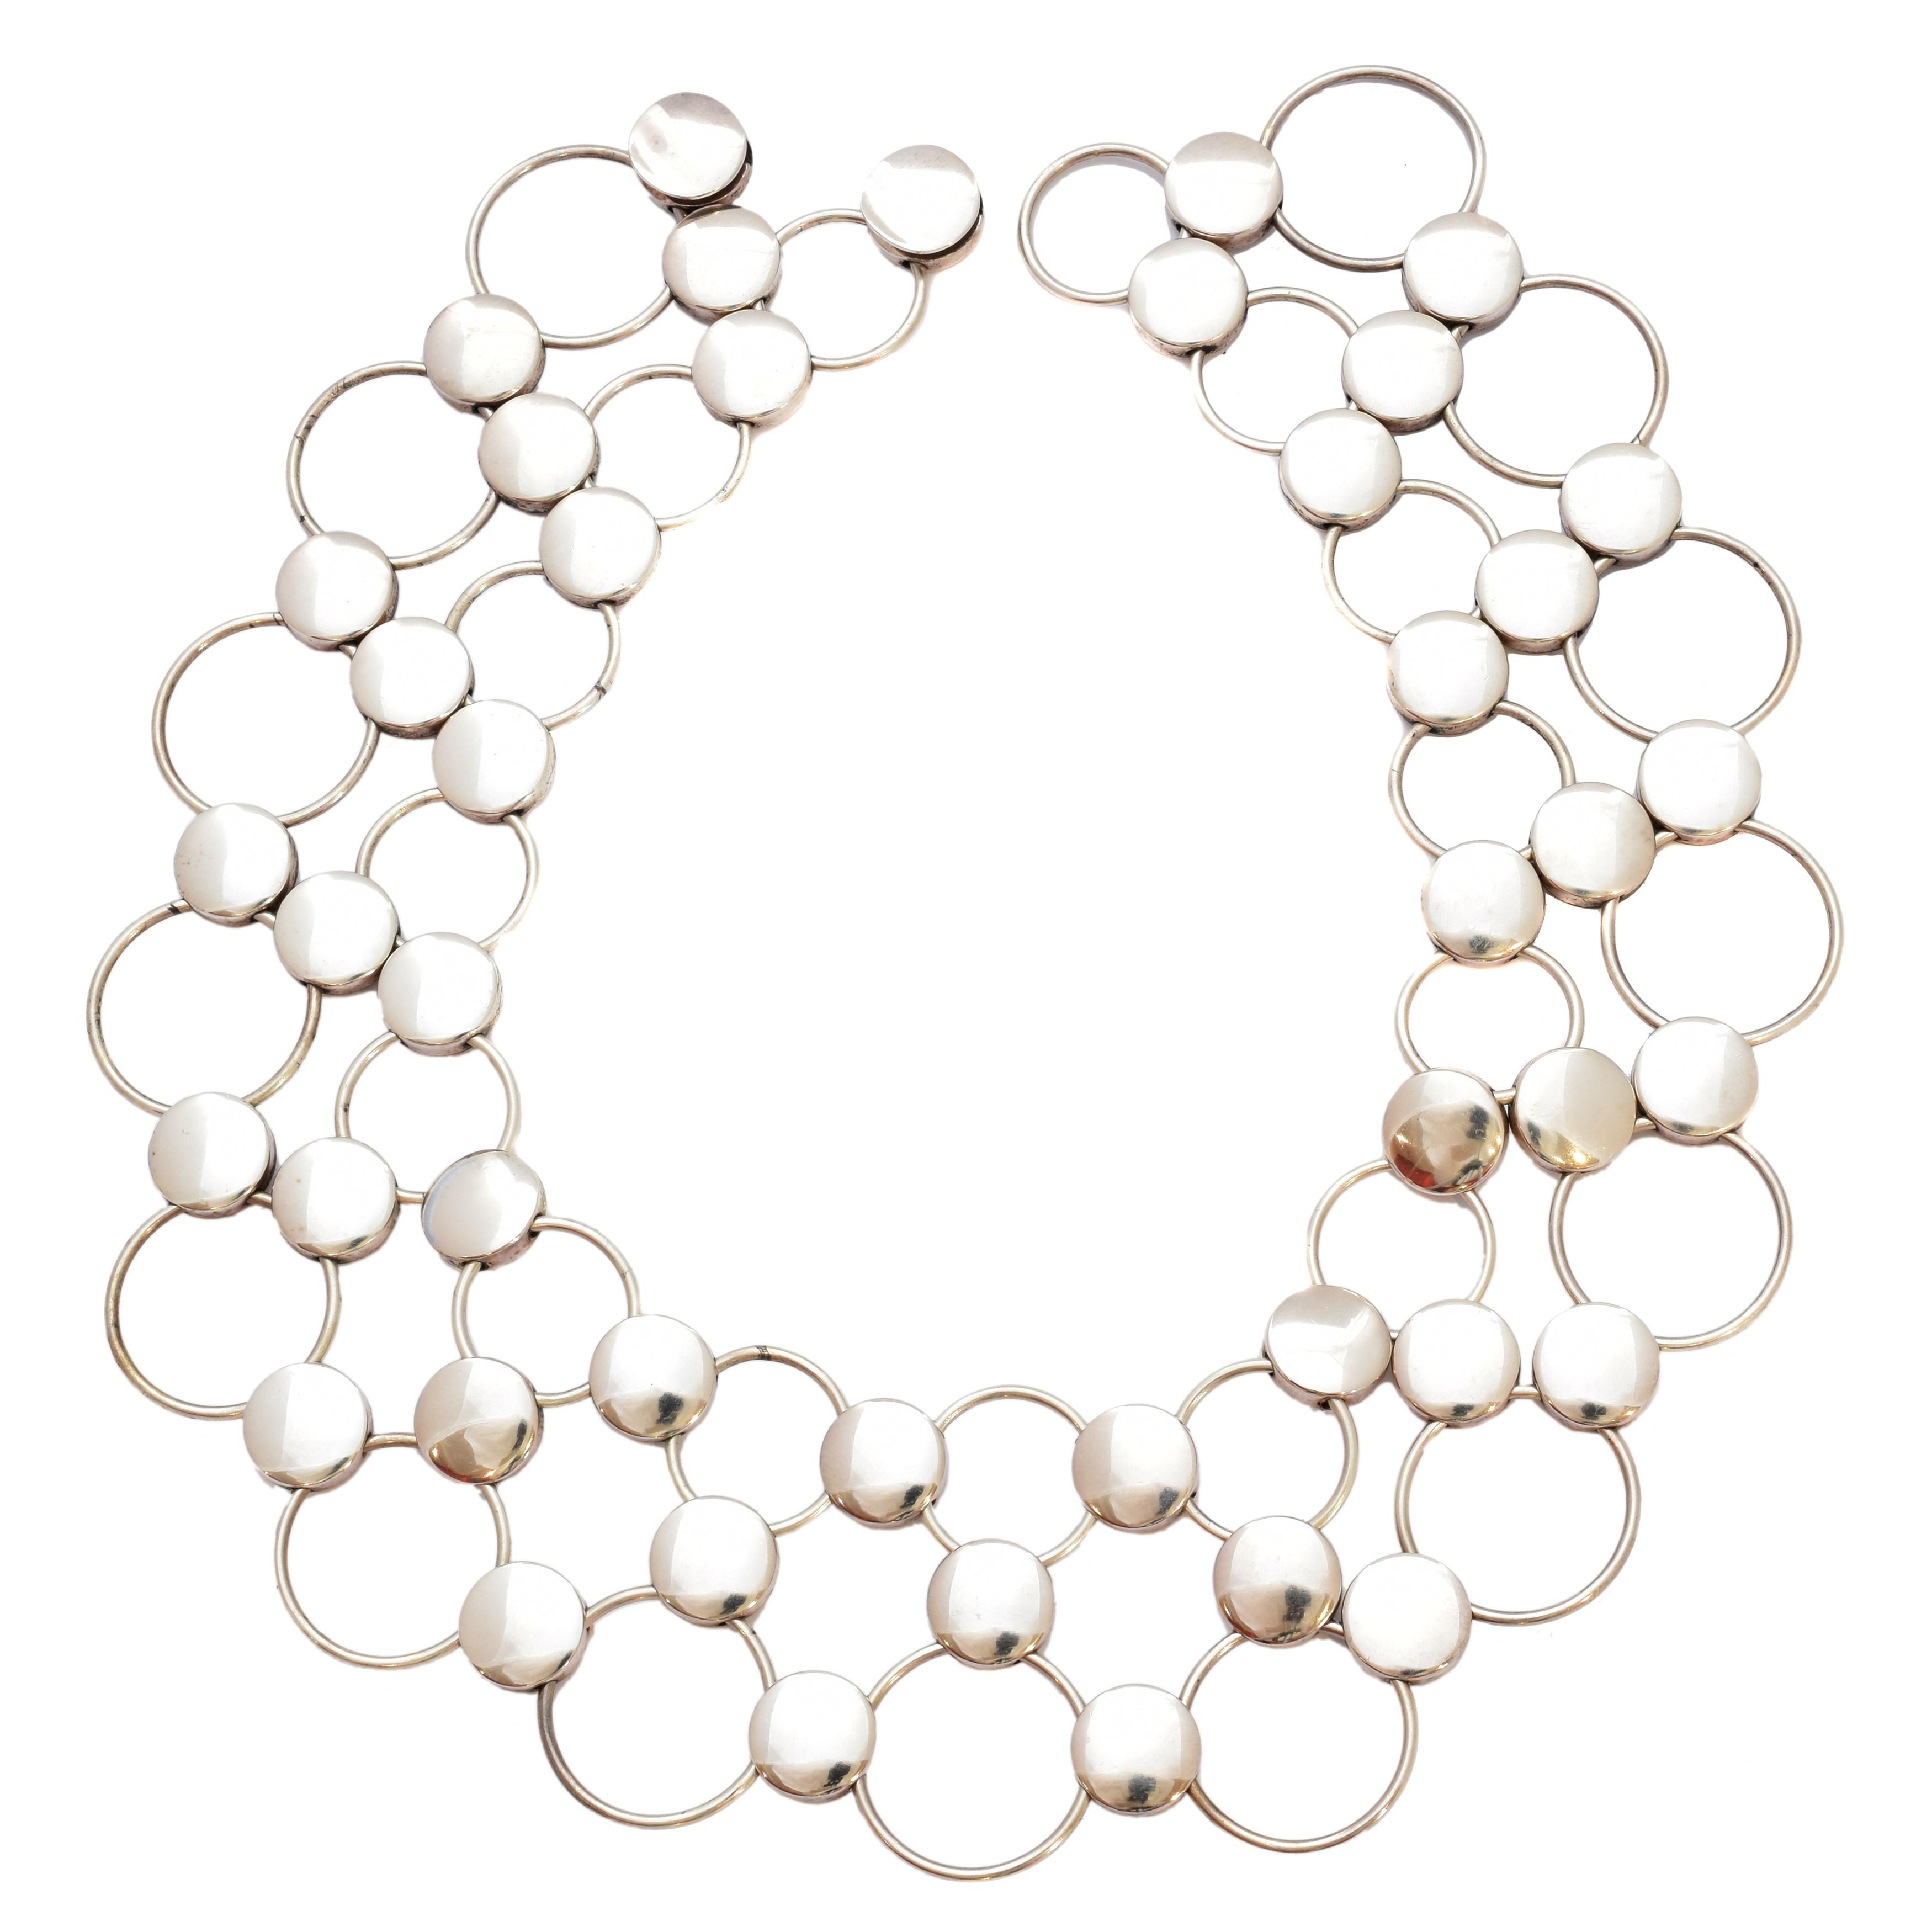 A Georg Jensen collar, pattern no. 464, designed by Regitze Overgaard for Georg Jensen,